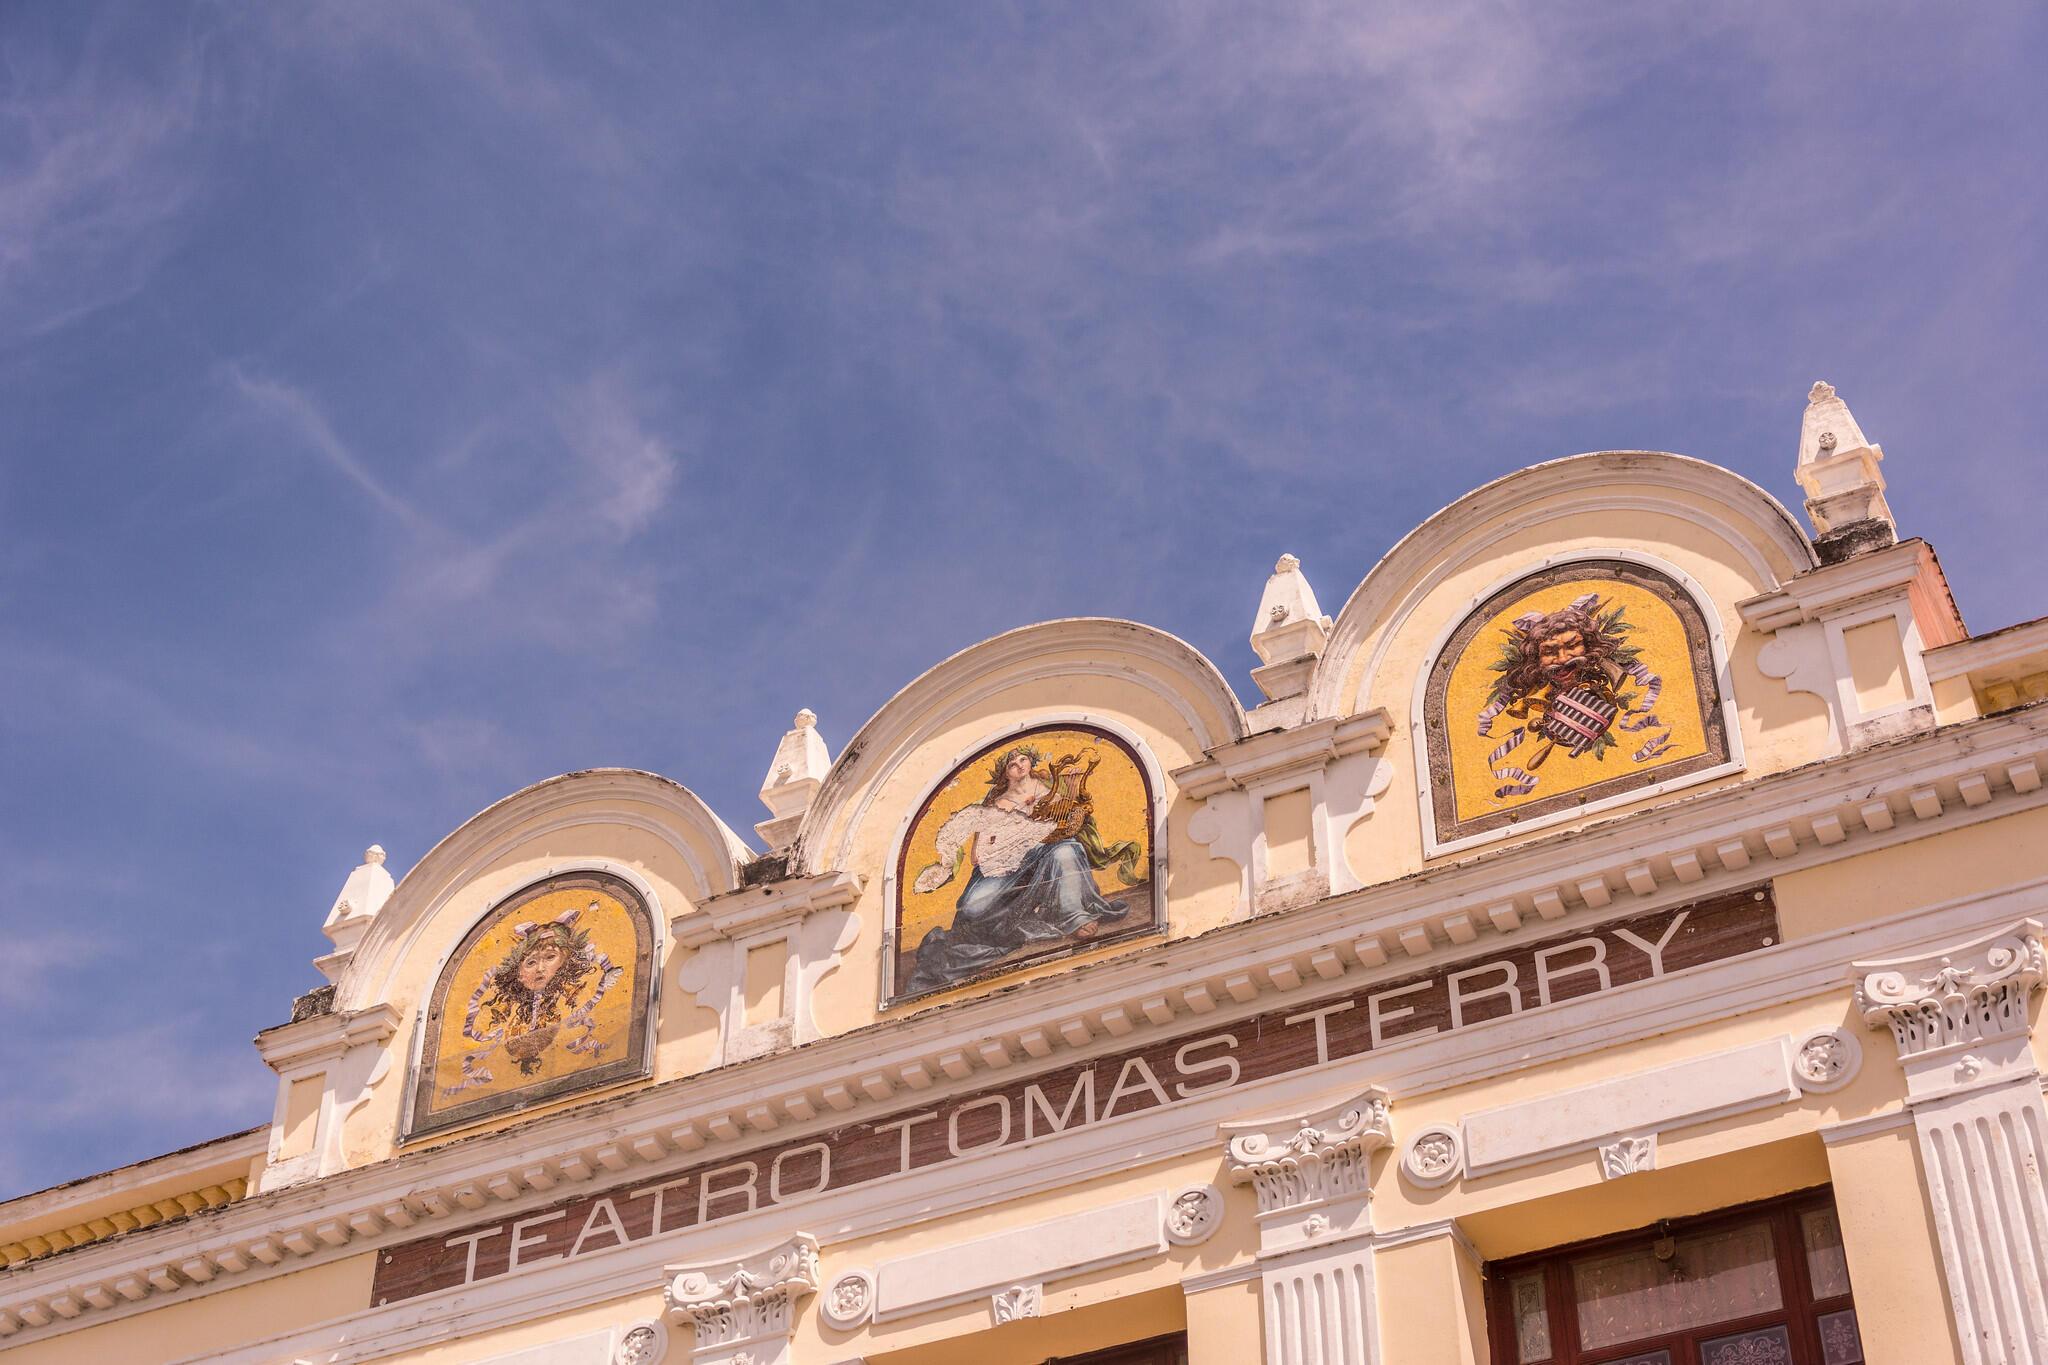 El Teatro Tomás Terry de Cienfuegos, antes de su renovación.